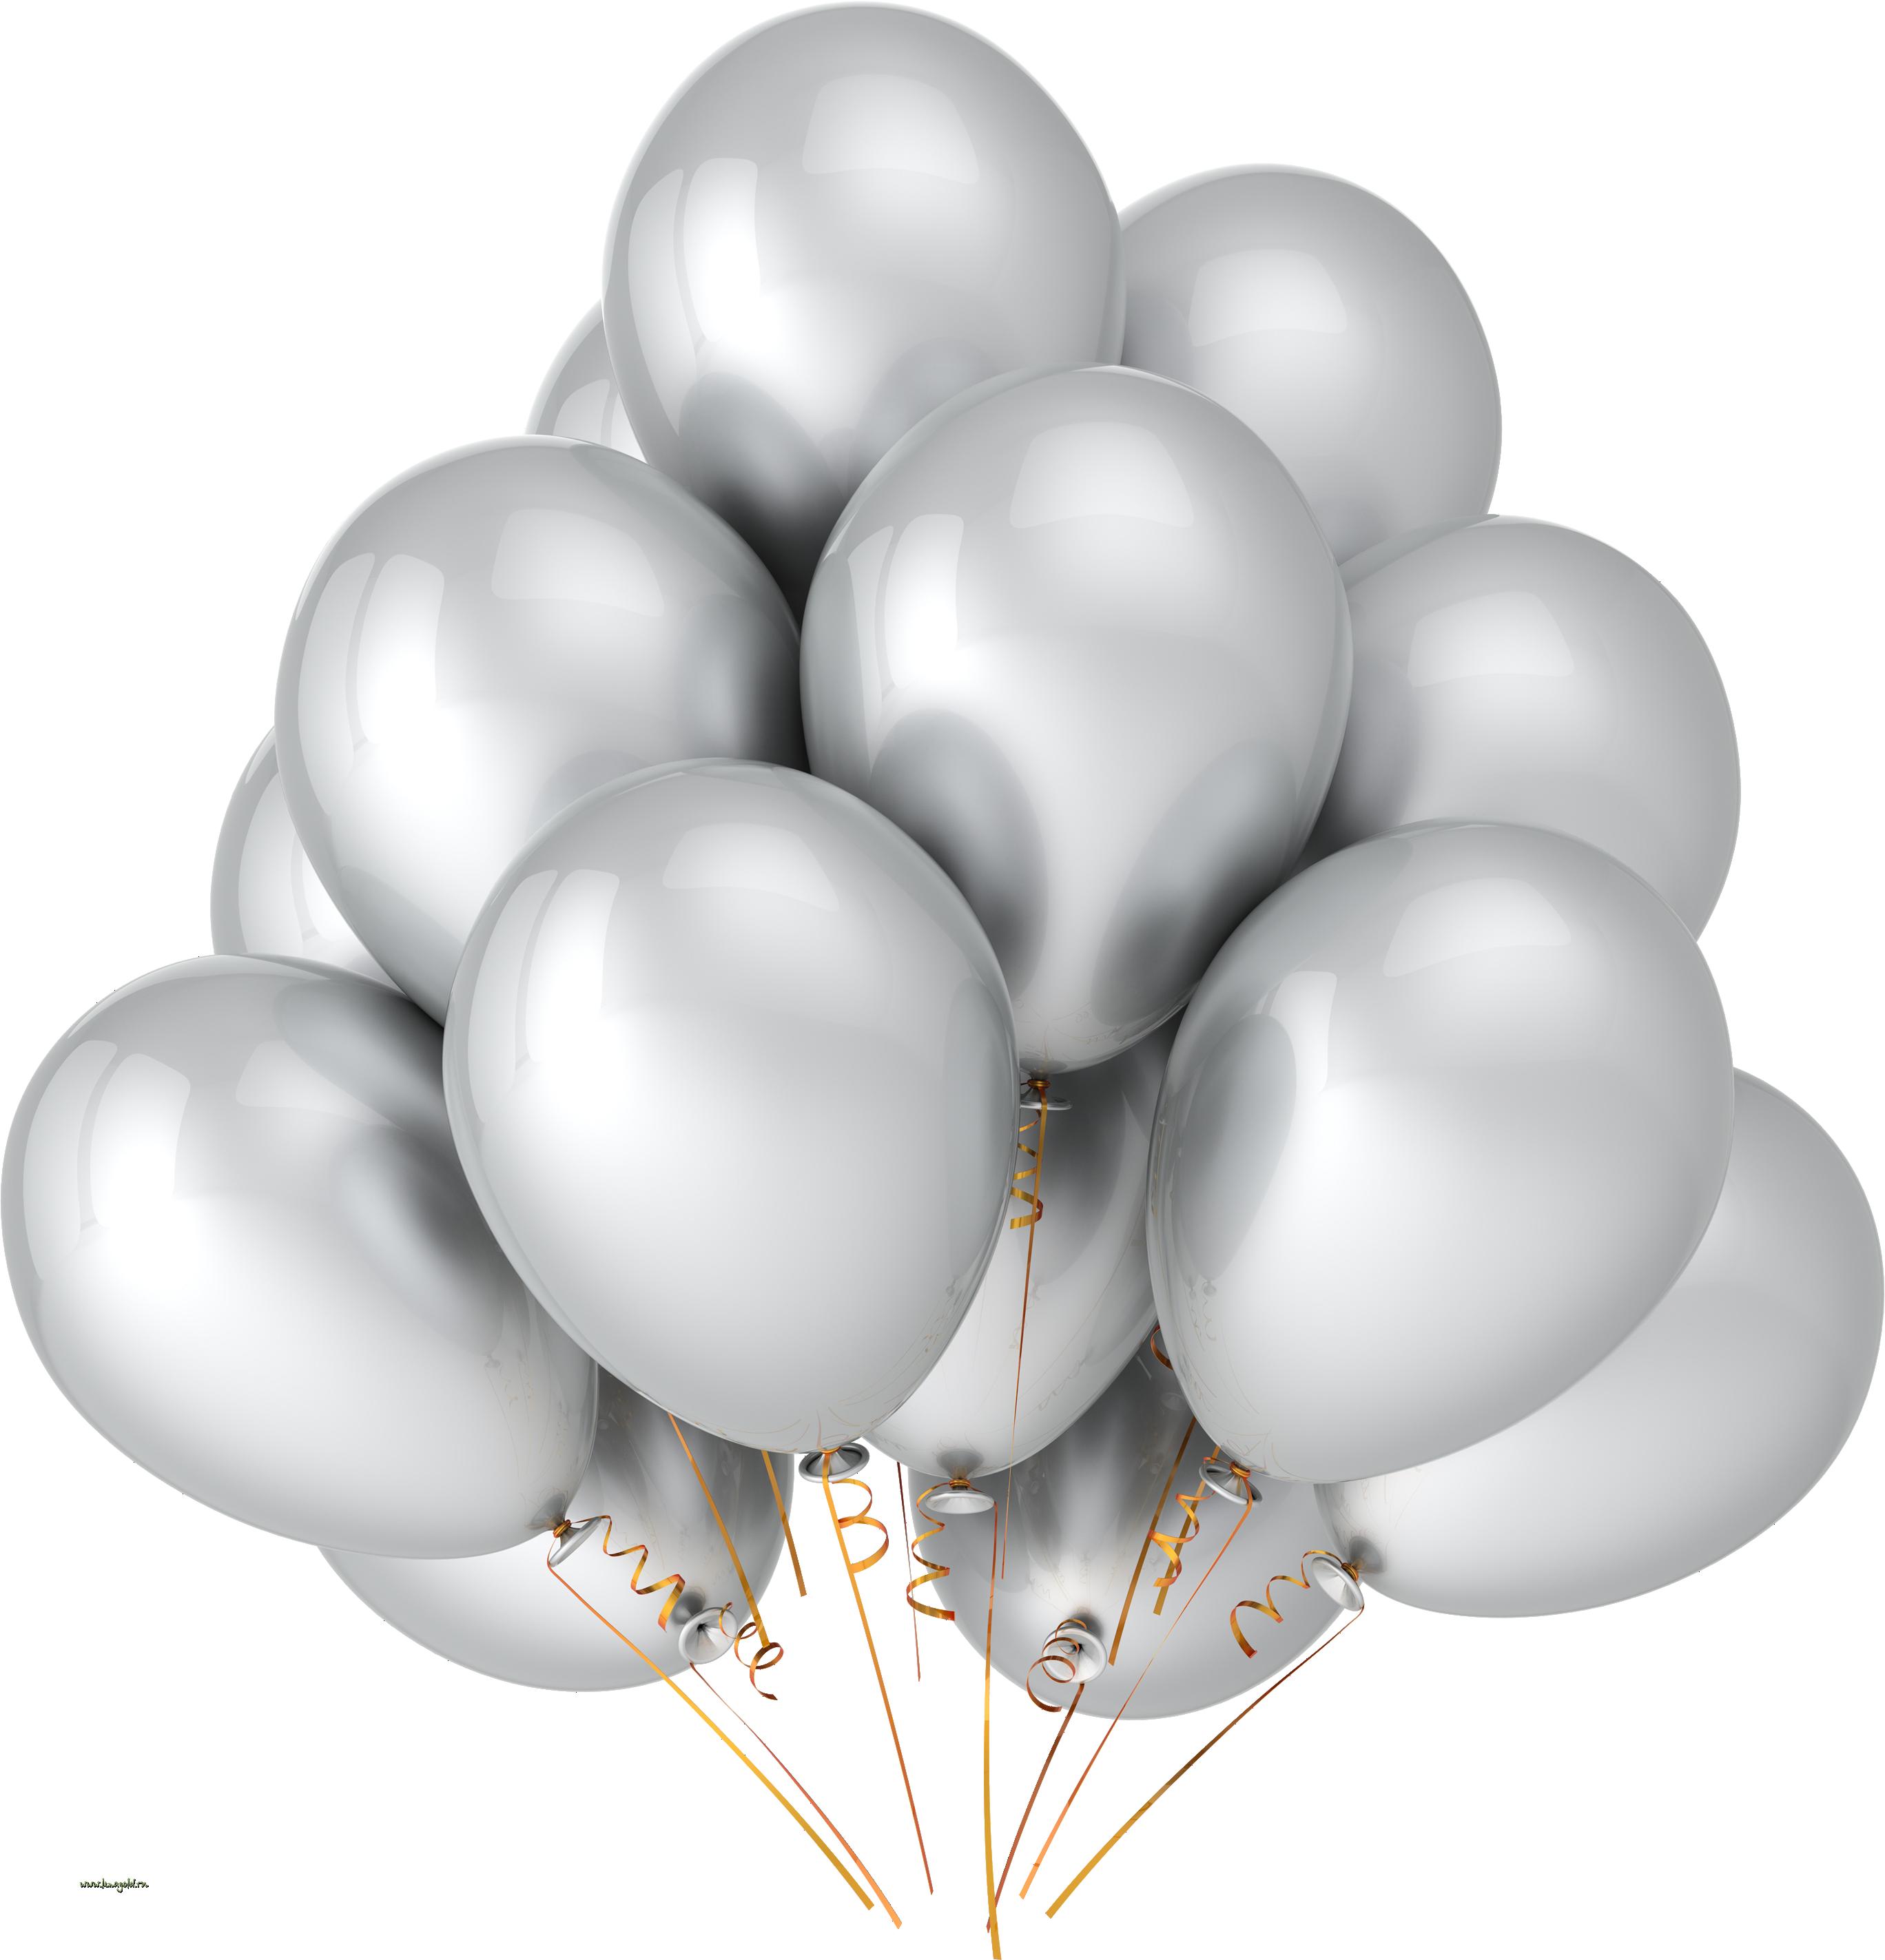 Pin by Arina Kalitina on Balloon decor.